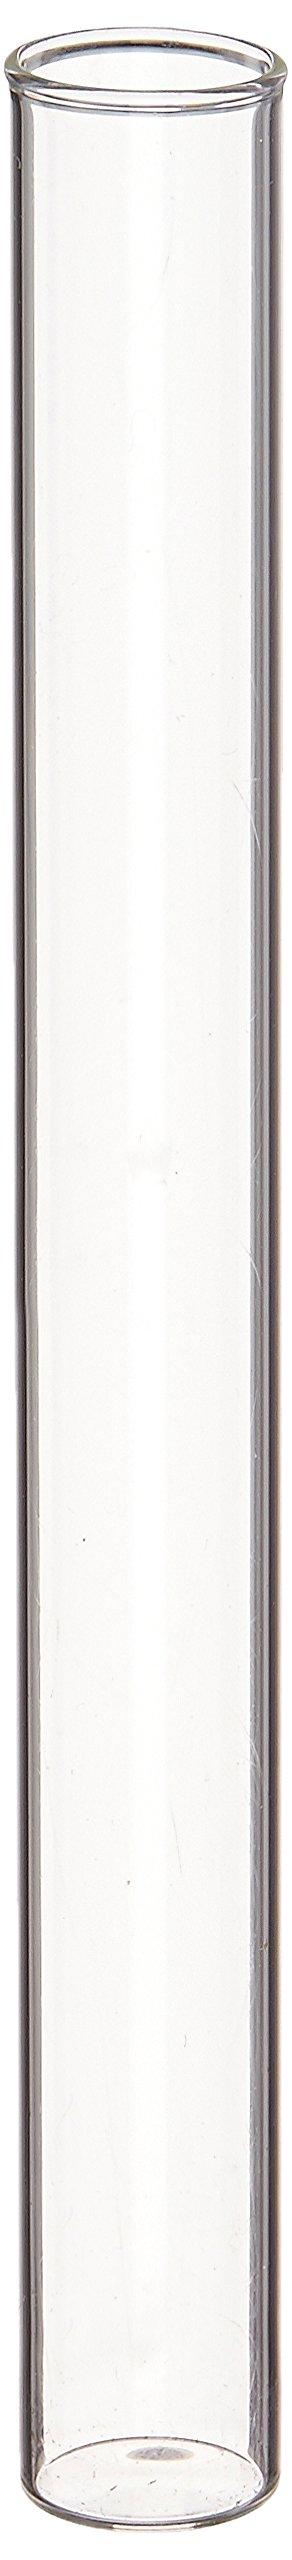 BYK Gardner 6756 Empty Tube with Corks, 1 Gross (Pack of 144)